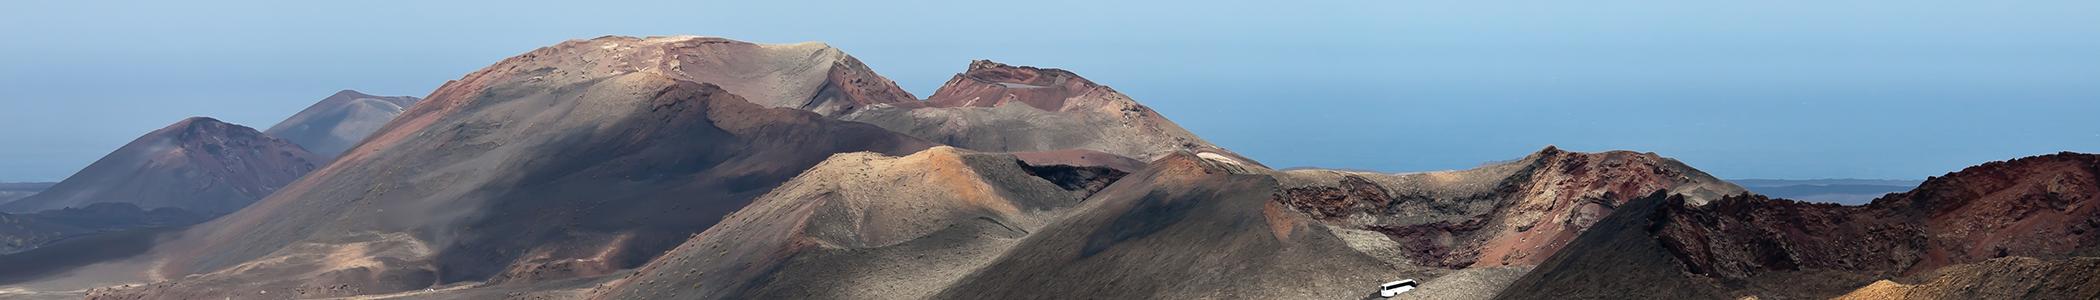 GR 131 pour découvrir La Palma   Trek, randonnée ...